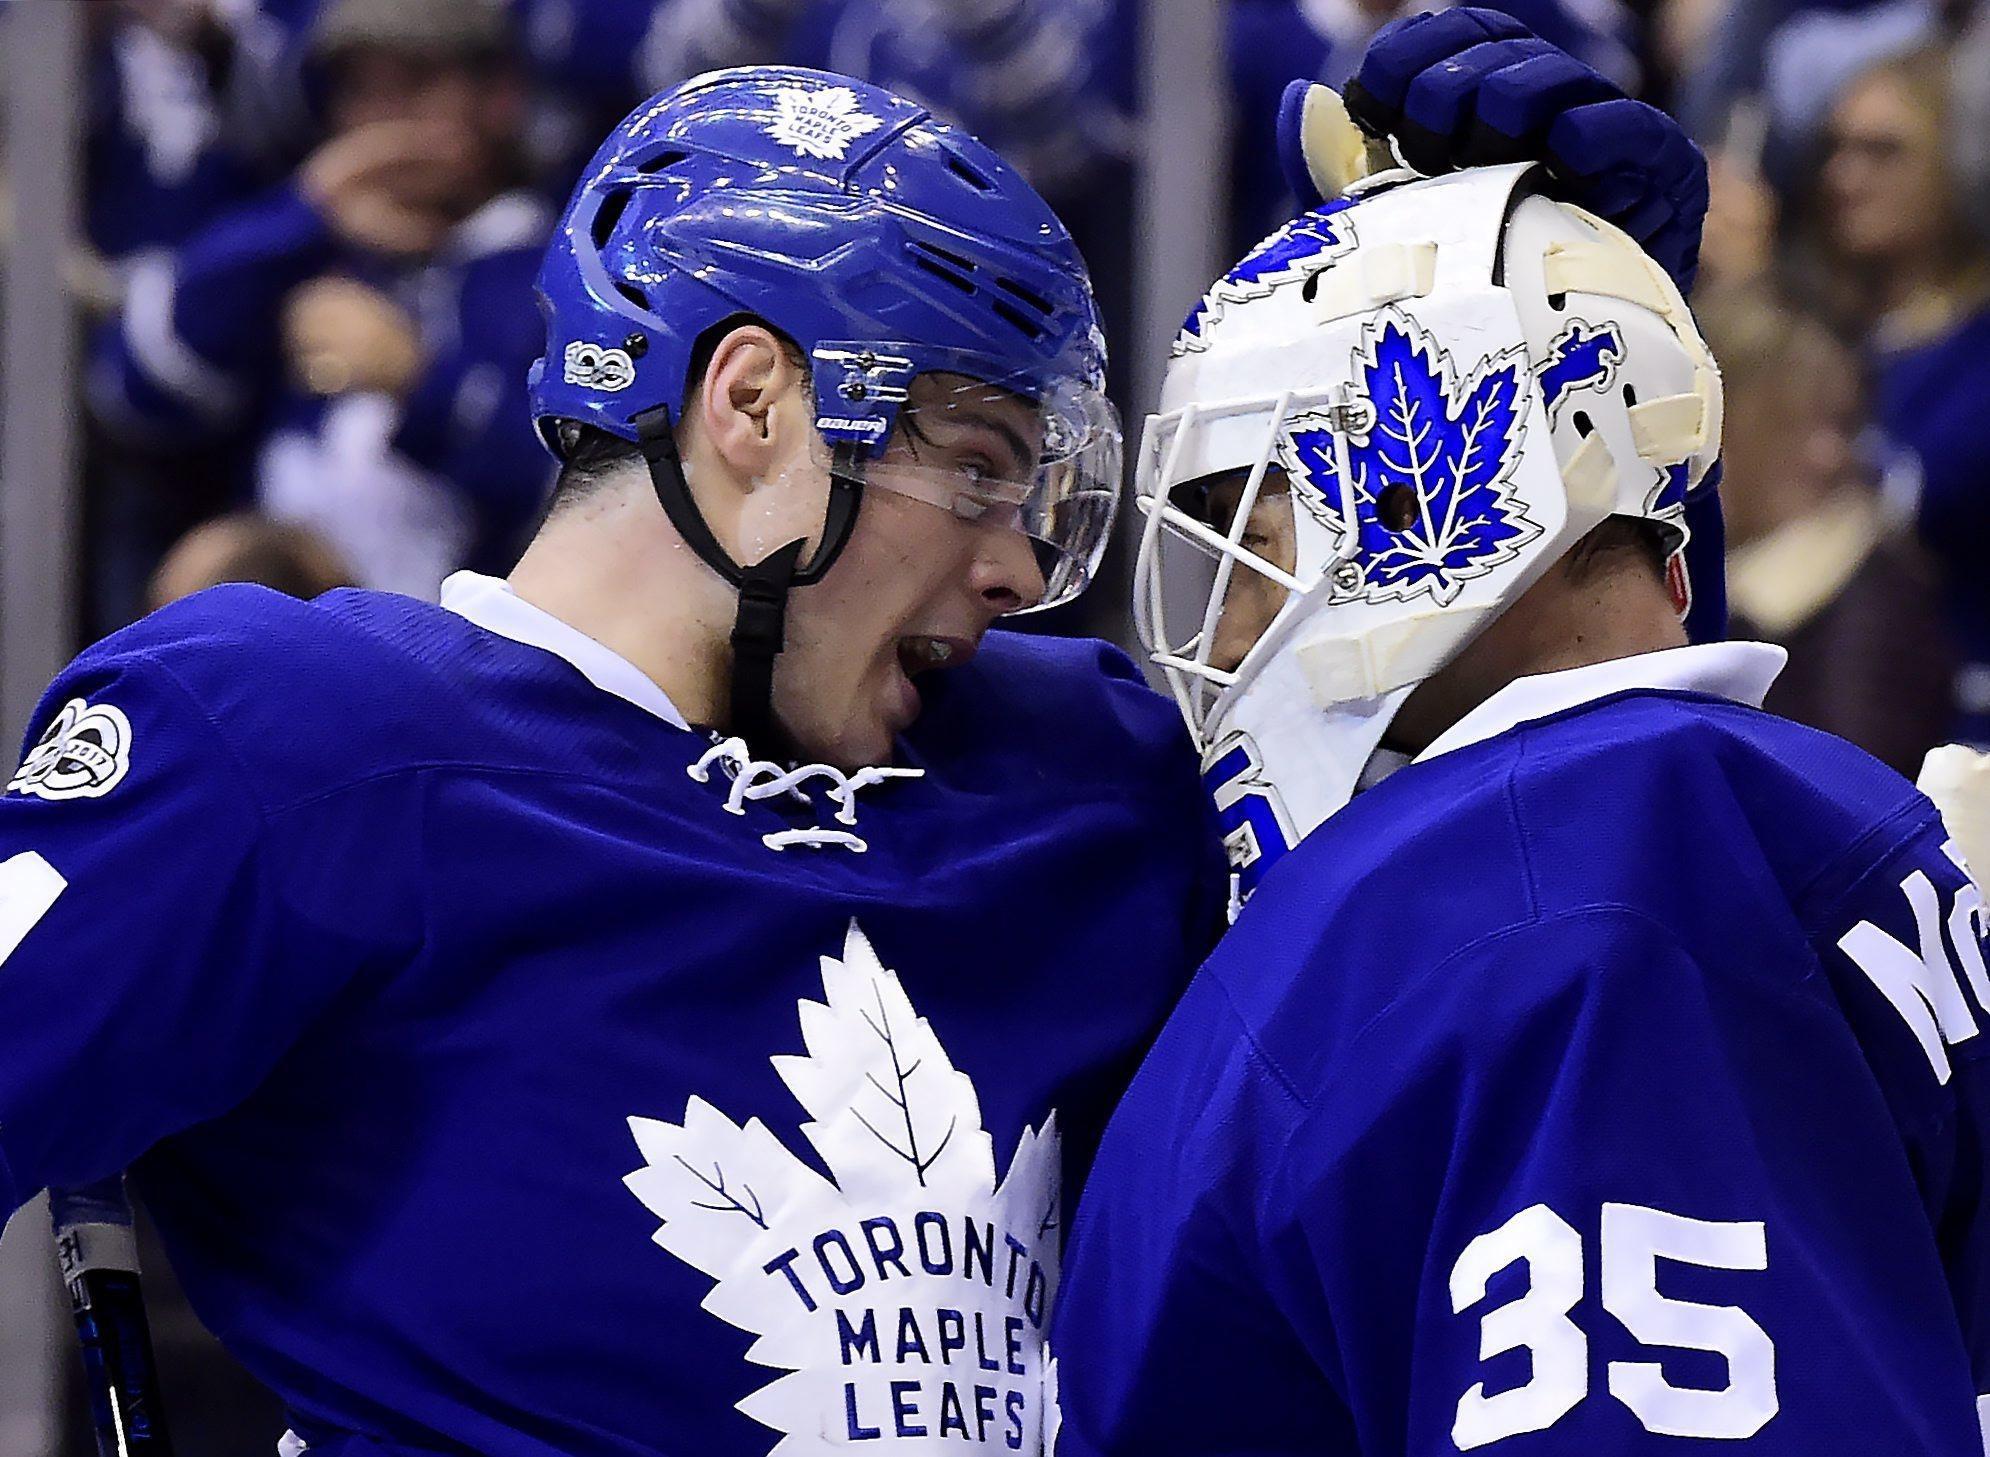 Devils_maple_leafs_hockey_14305